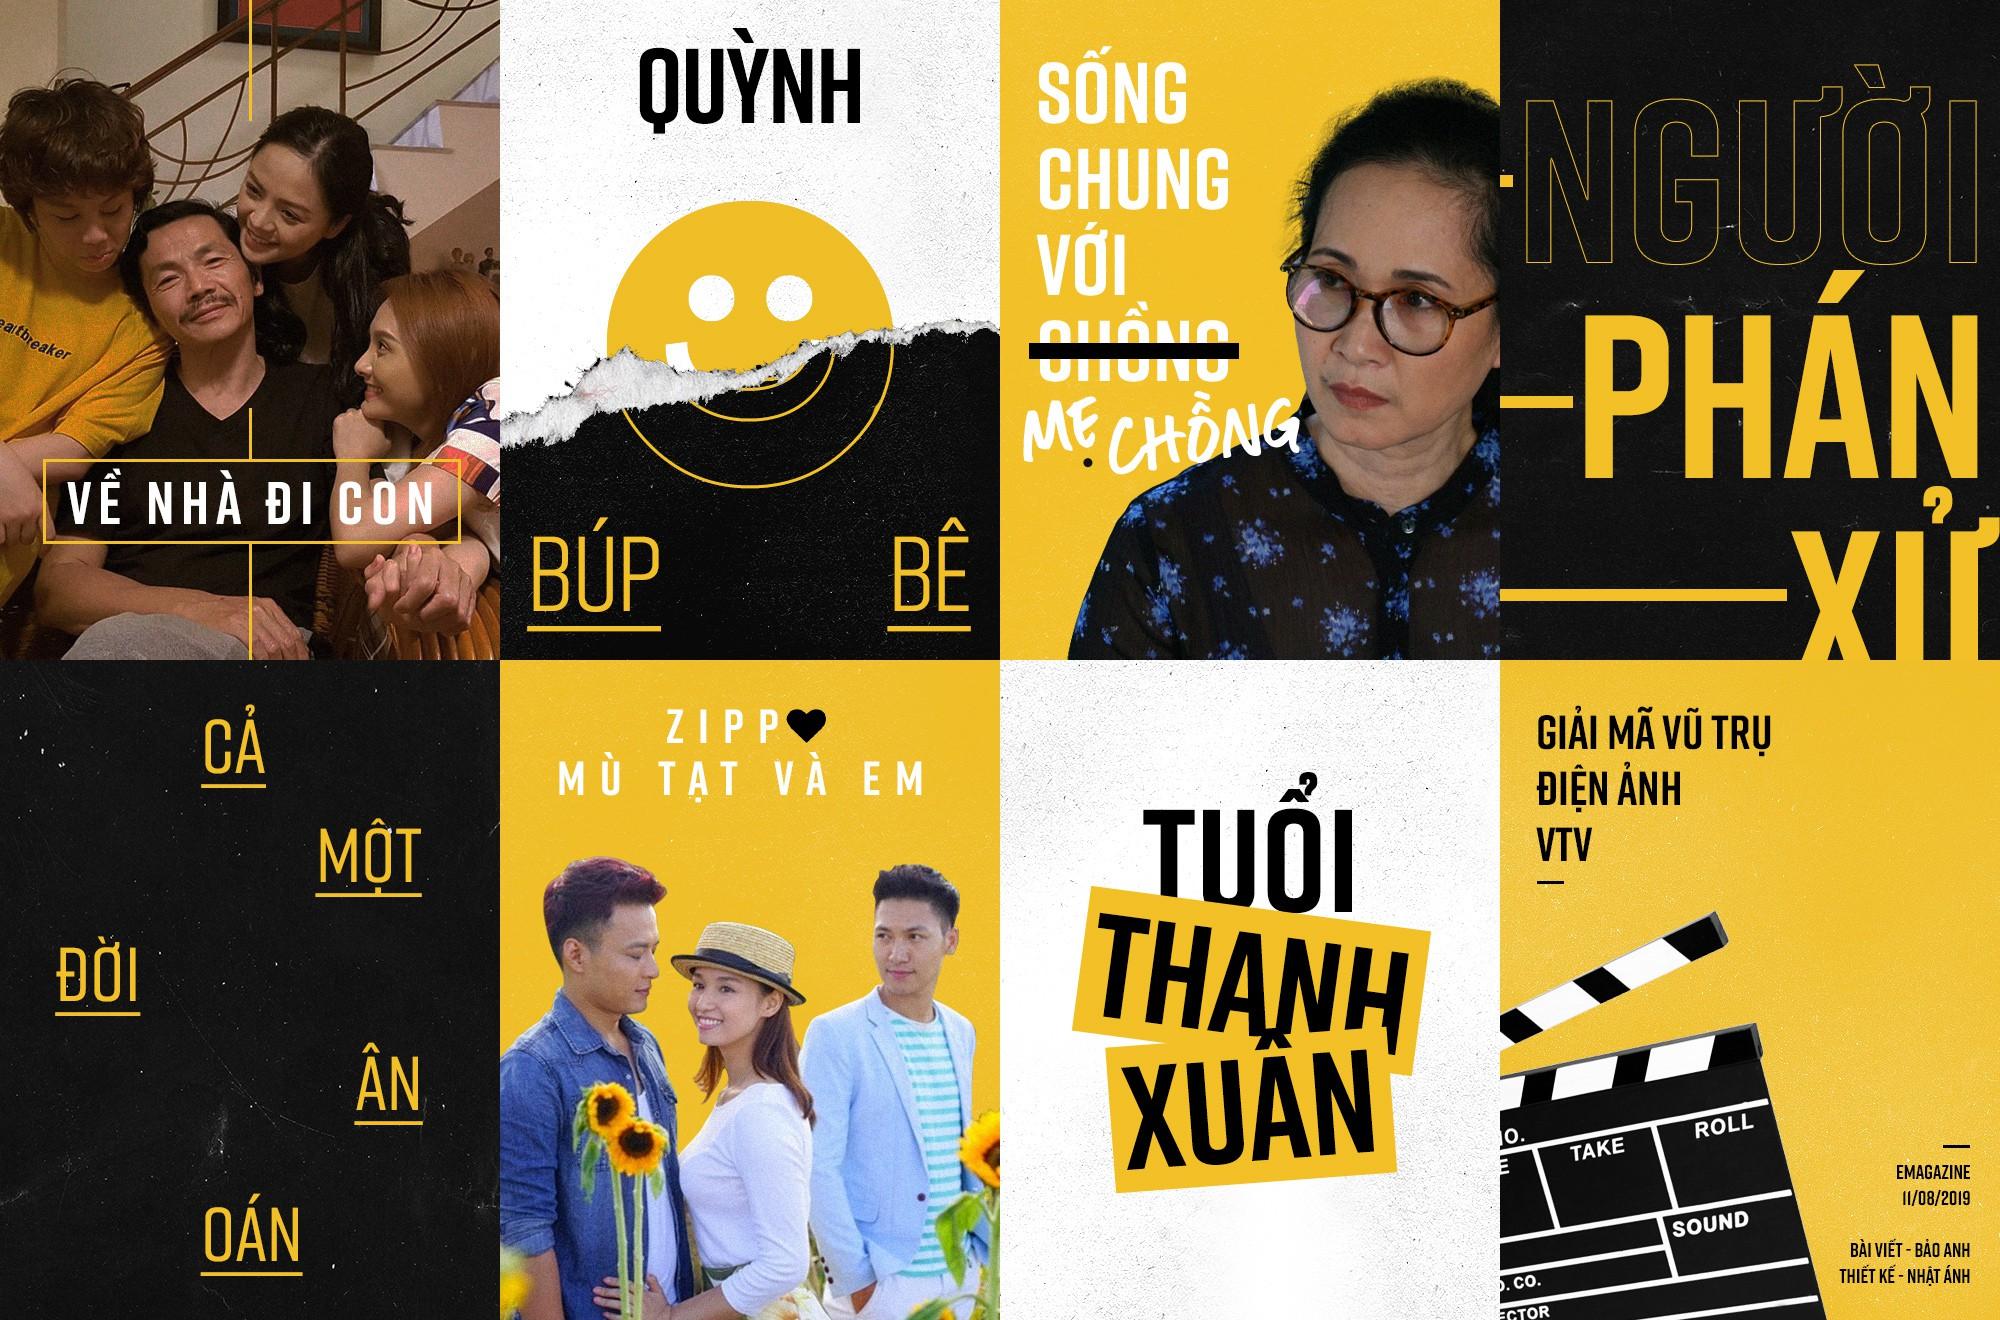 Qua rồi thời ăn may, Vũ trụ VTV đã khiến phim truyền hình Việt trở thành một cơn sốt đích thực! - Ảnh 2.